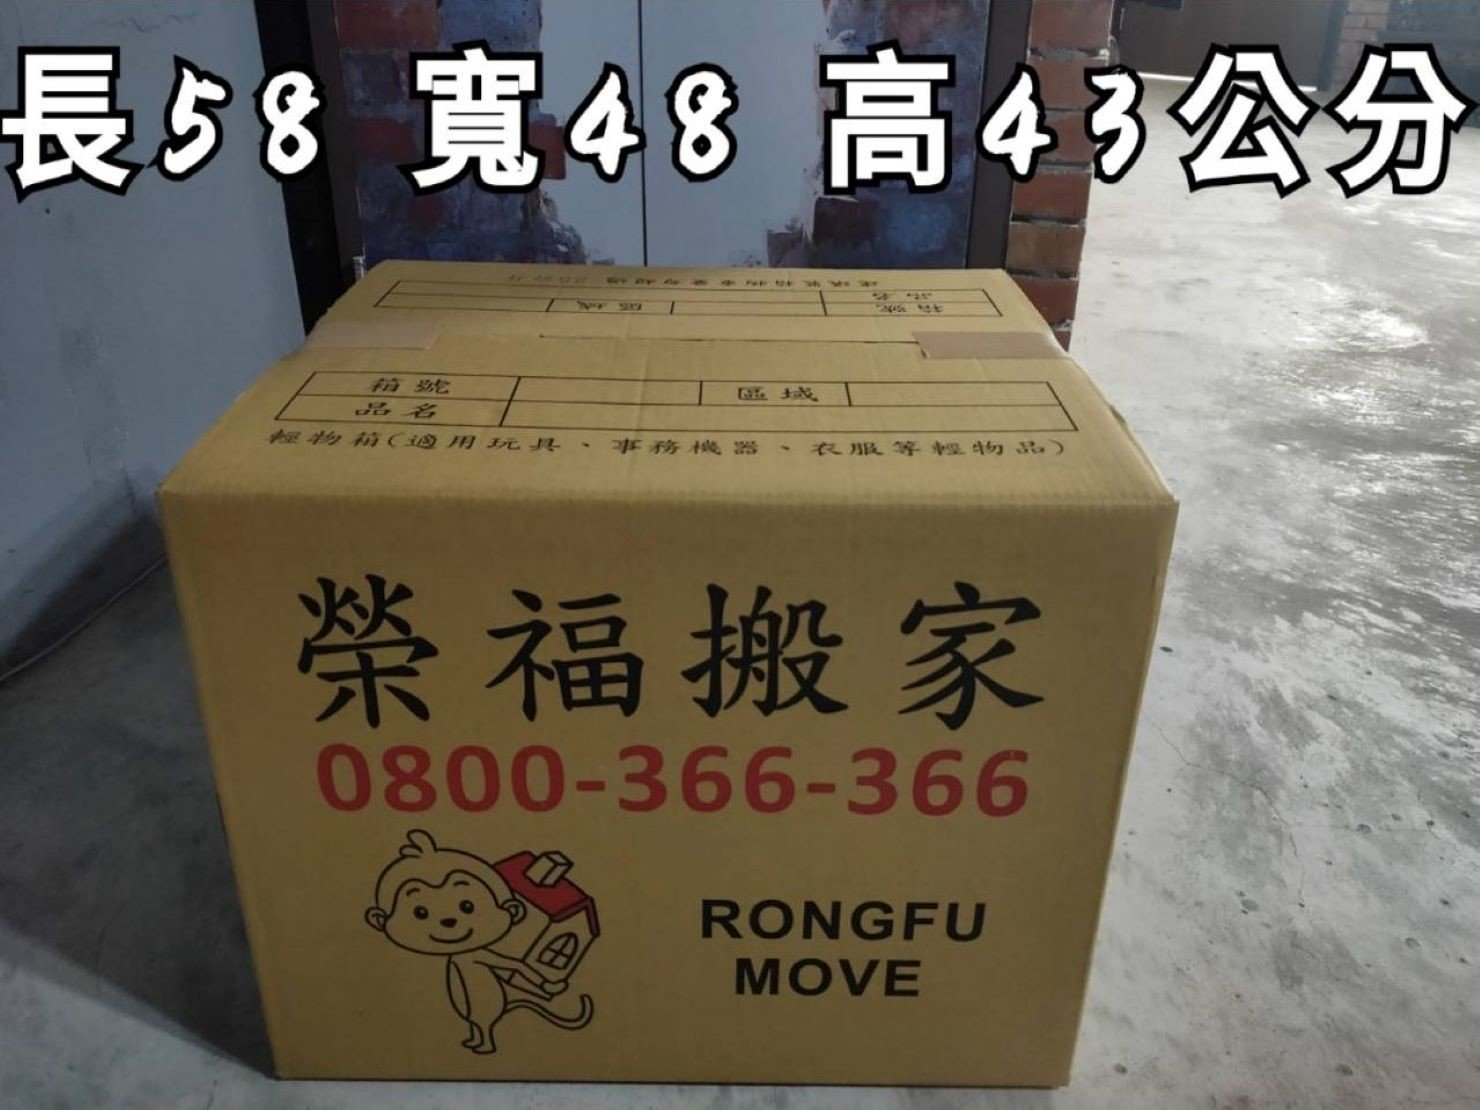 包裝材料【榮福搬家】搬家紙箱,您最優質搬家專用品質:大紙箱用途以輕物箱其適用於玩具、事務機器、衣服、小物品等較輕物品。